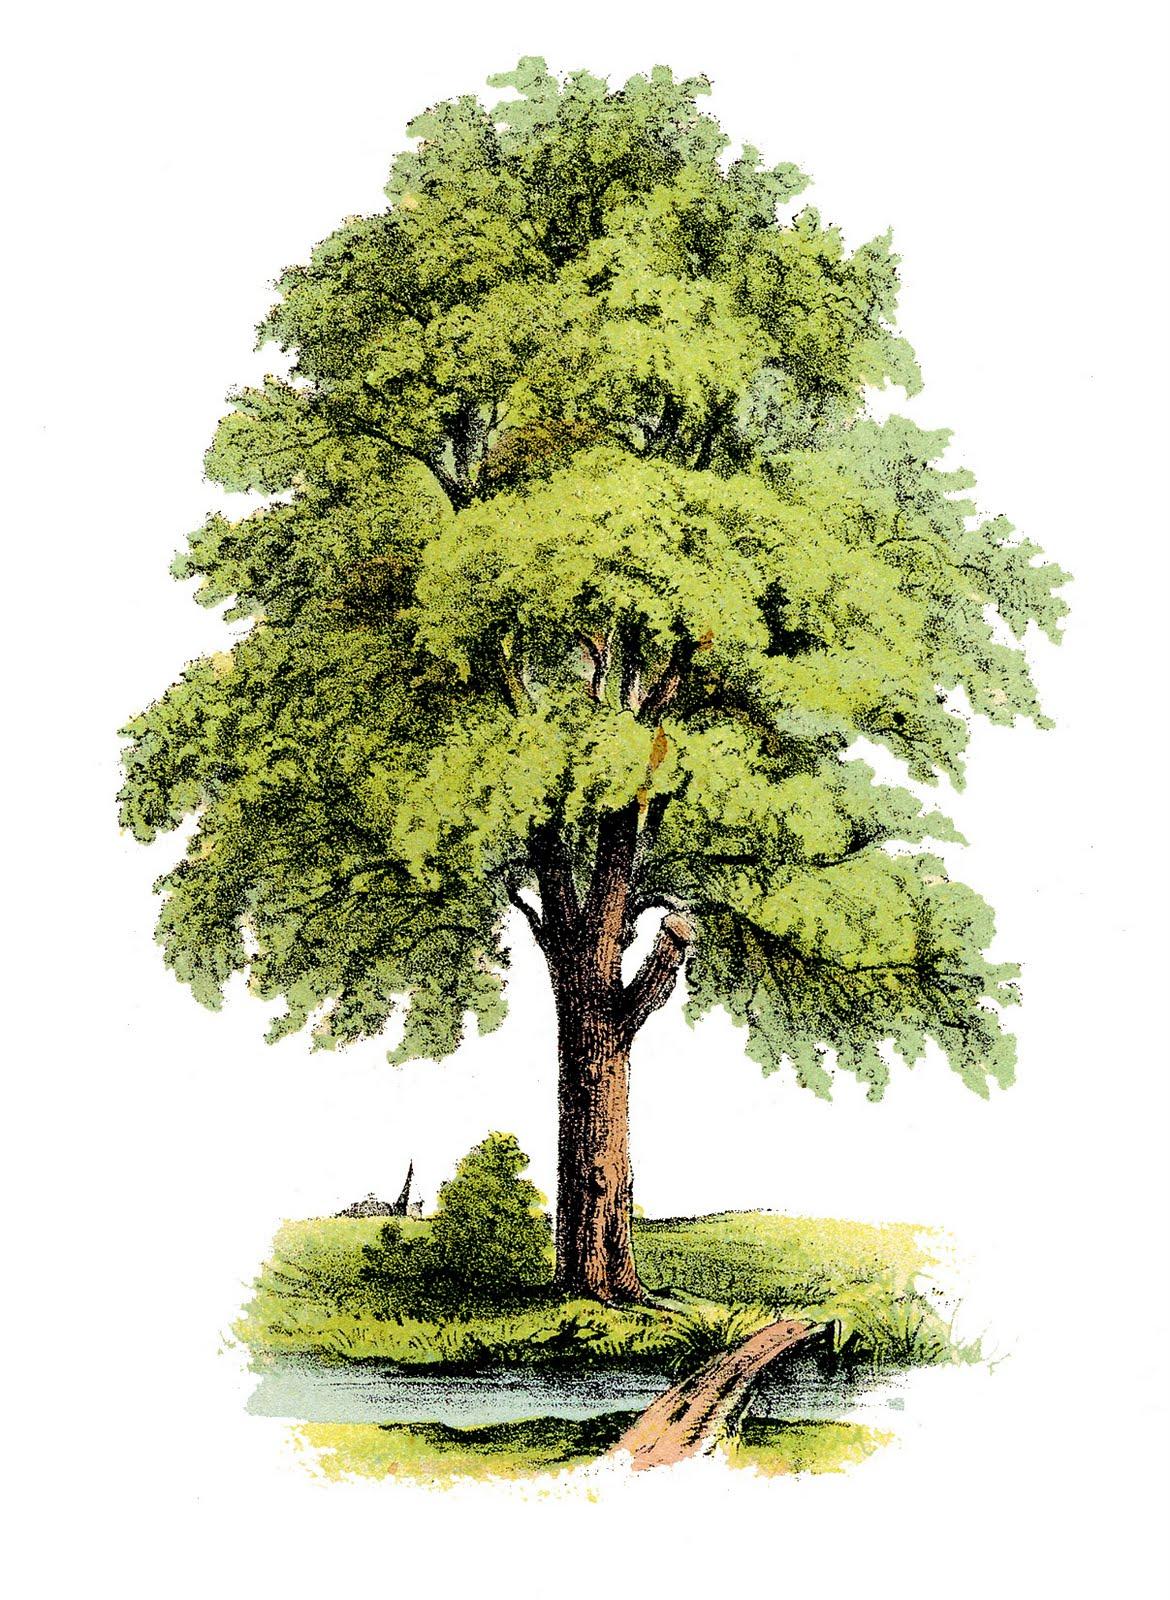 Clipart of pretty tree.